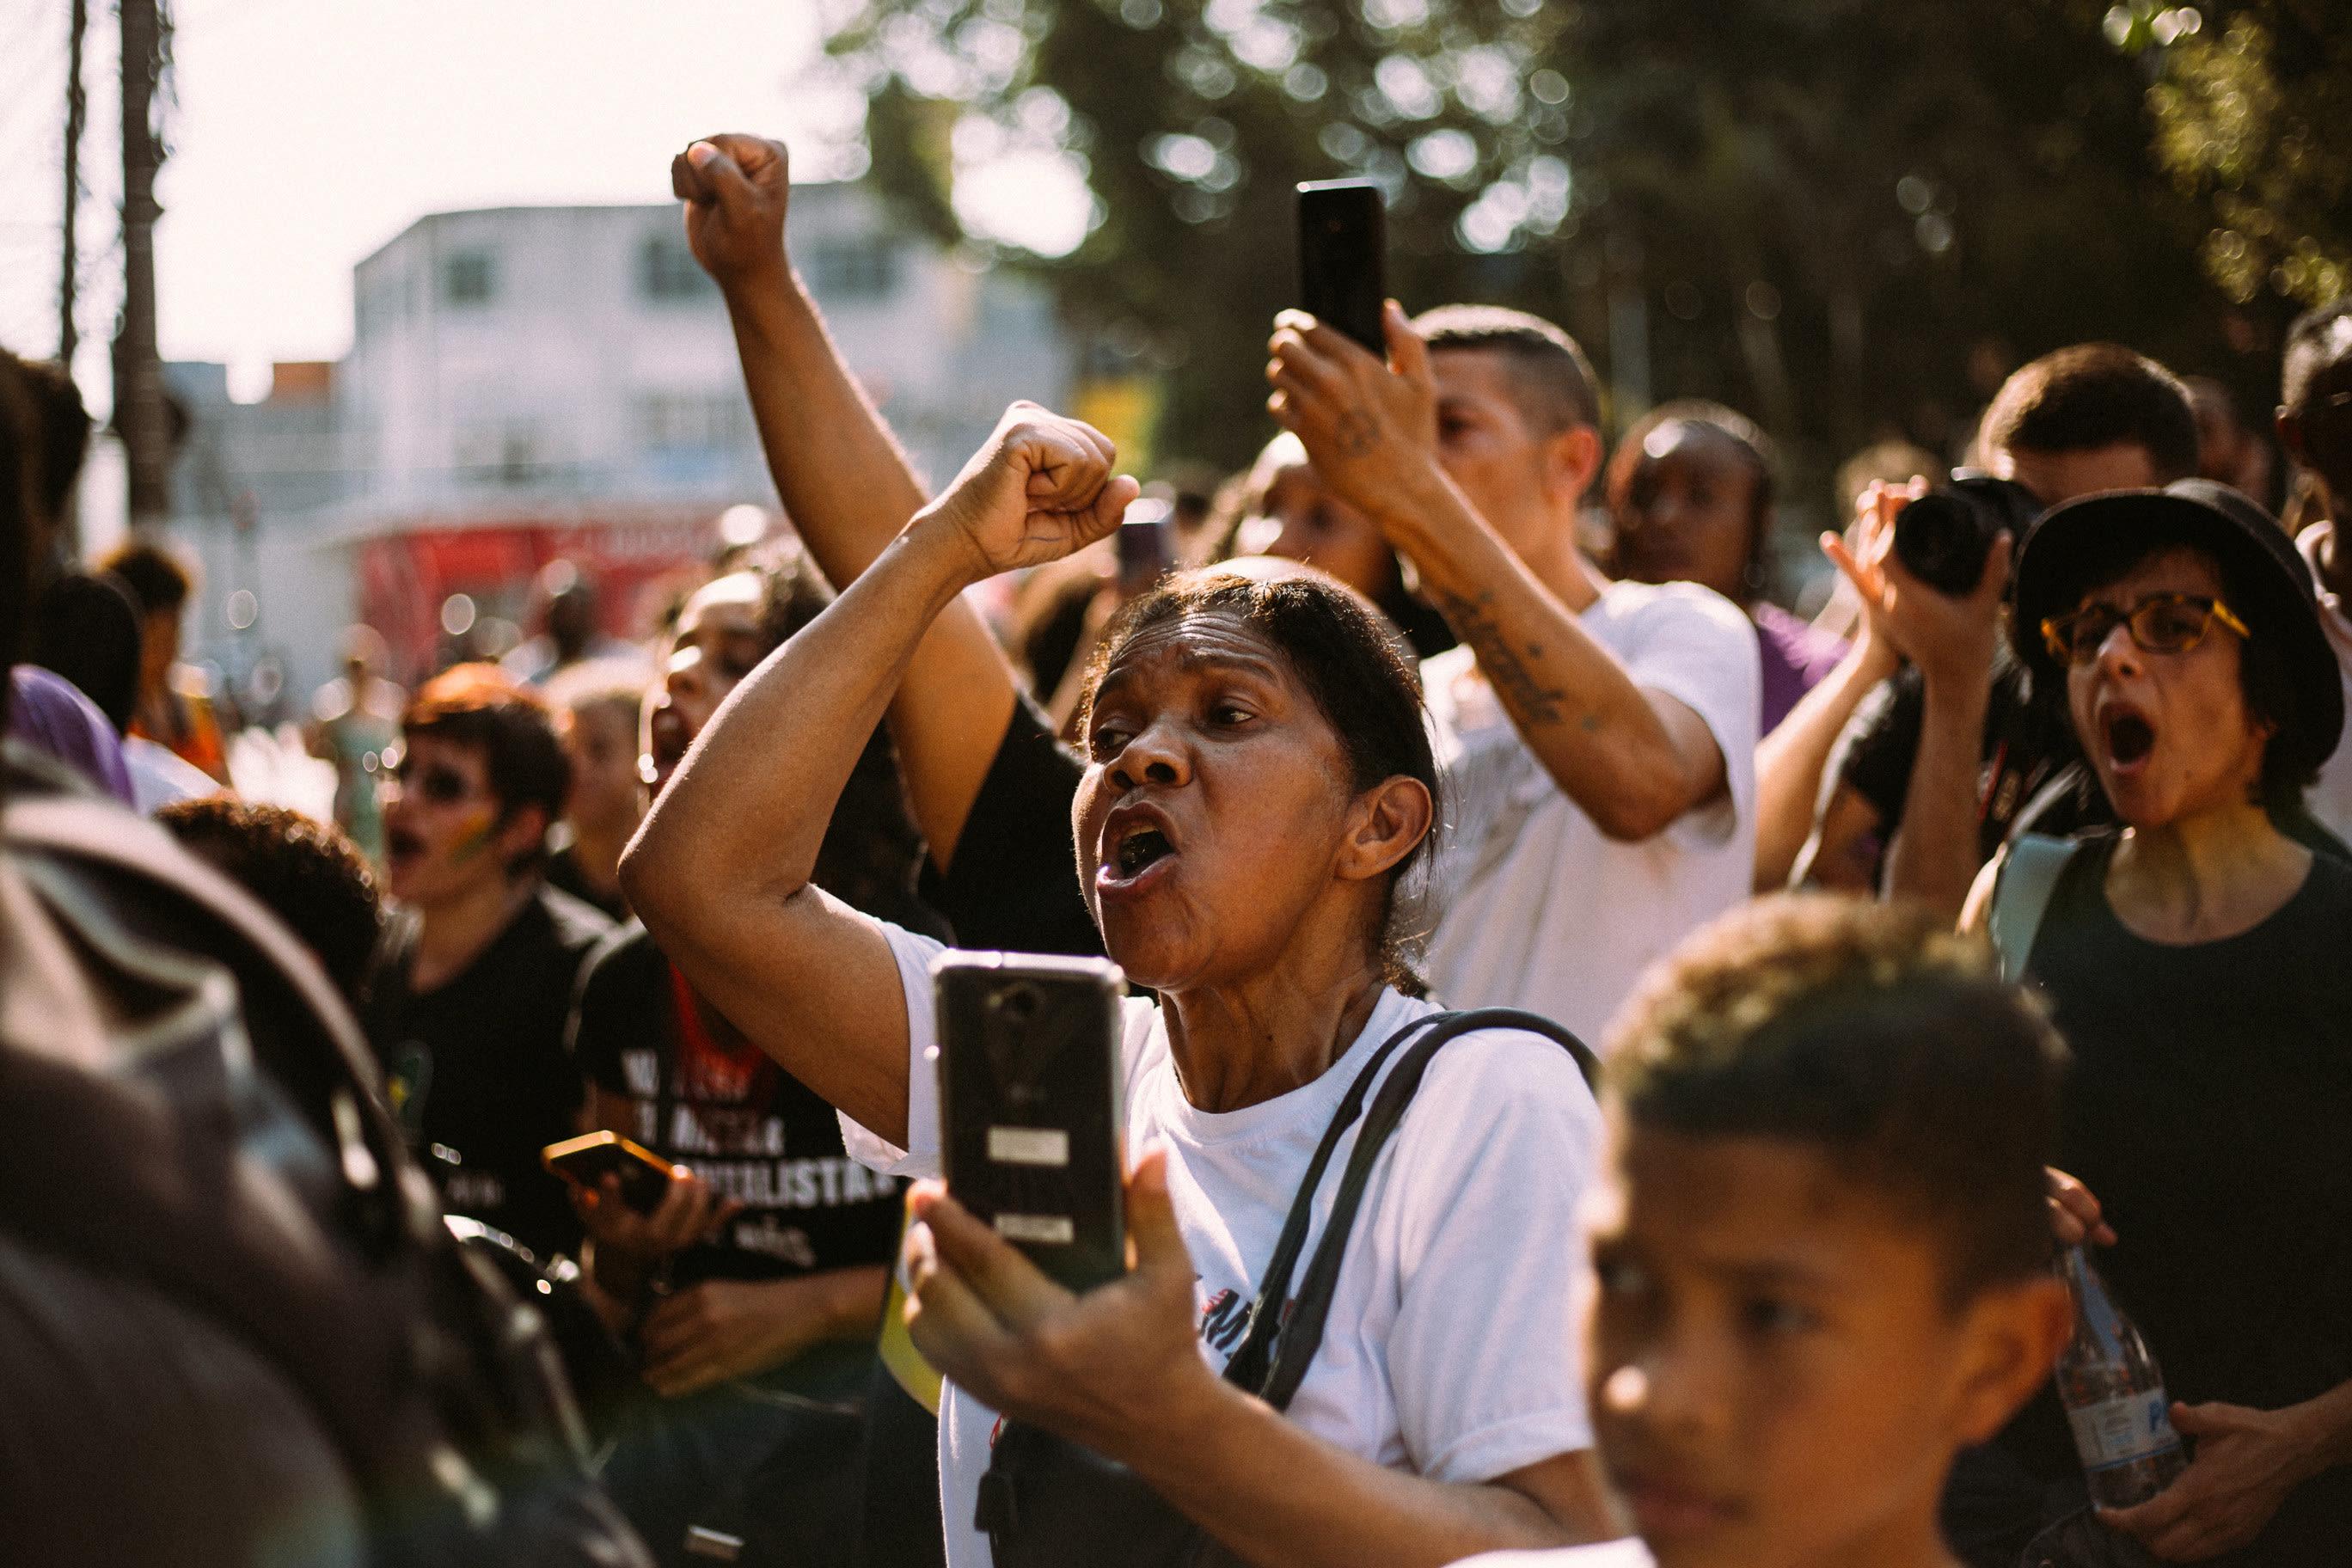 Manifestação pela tortura sofrida por um adolescente que foi chicoteado por seguranças numa unidade do mercado Ricoy